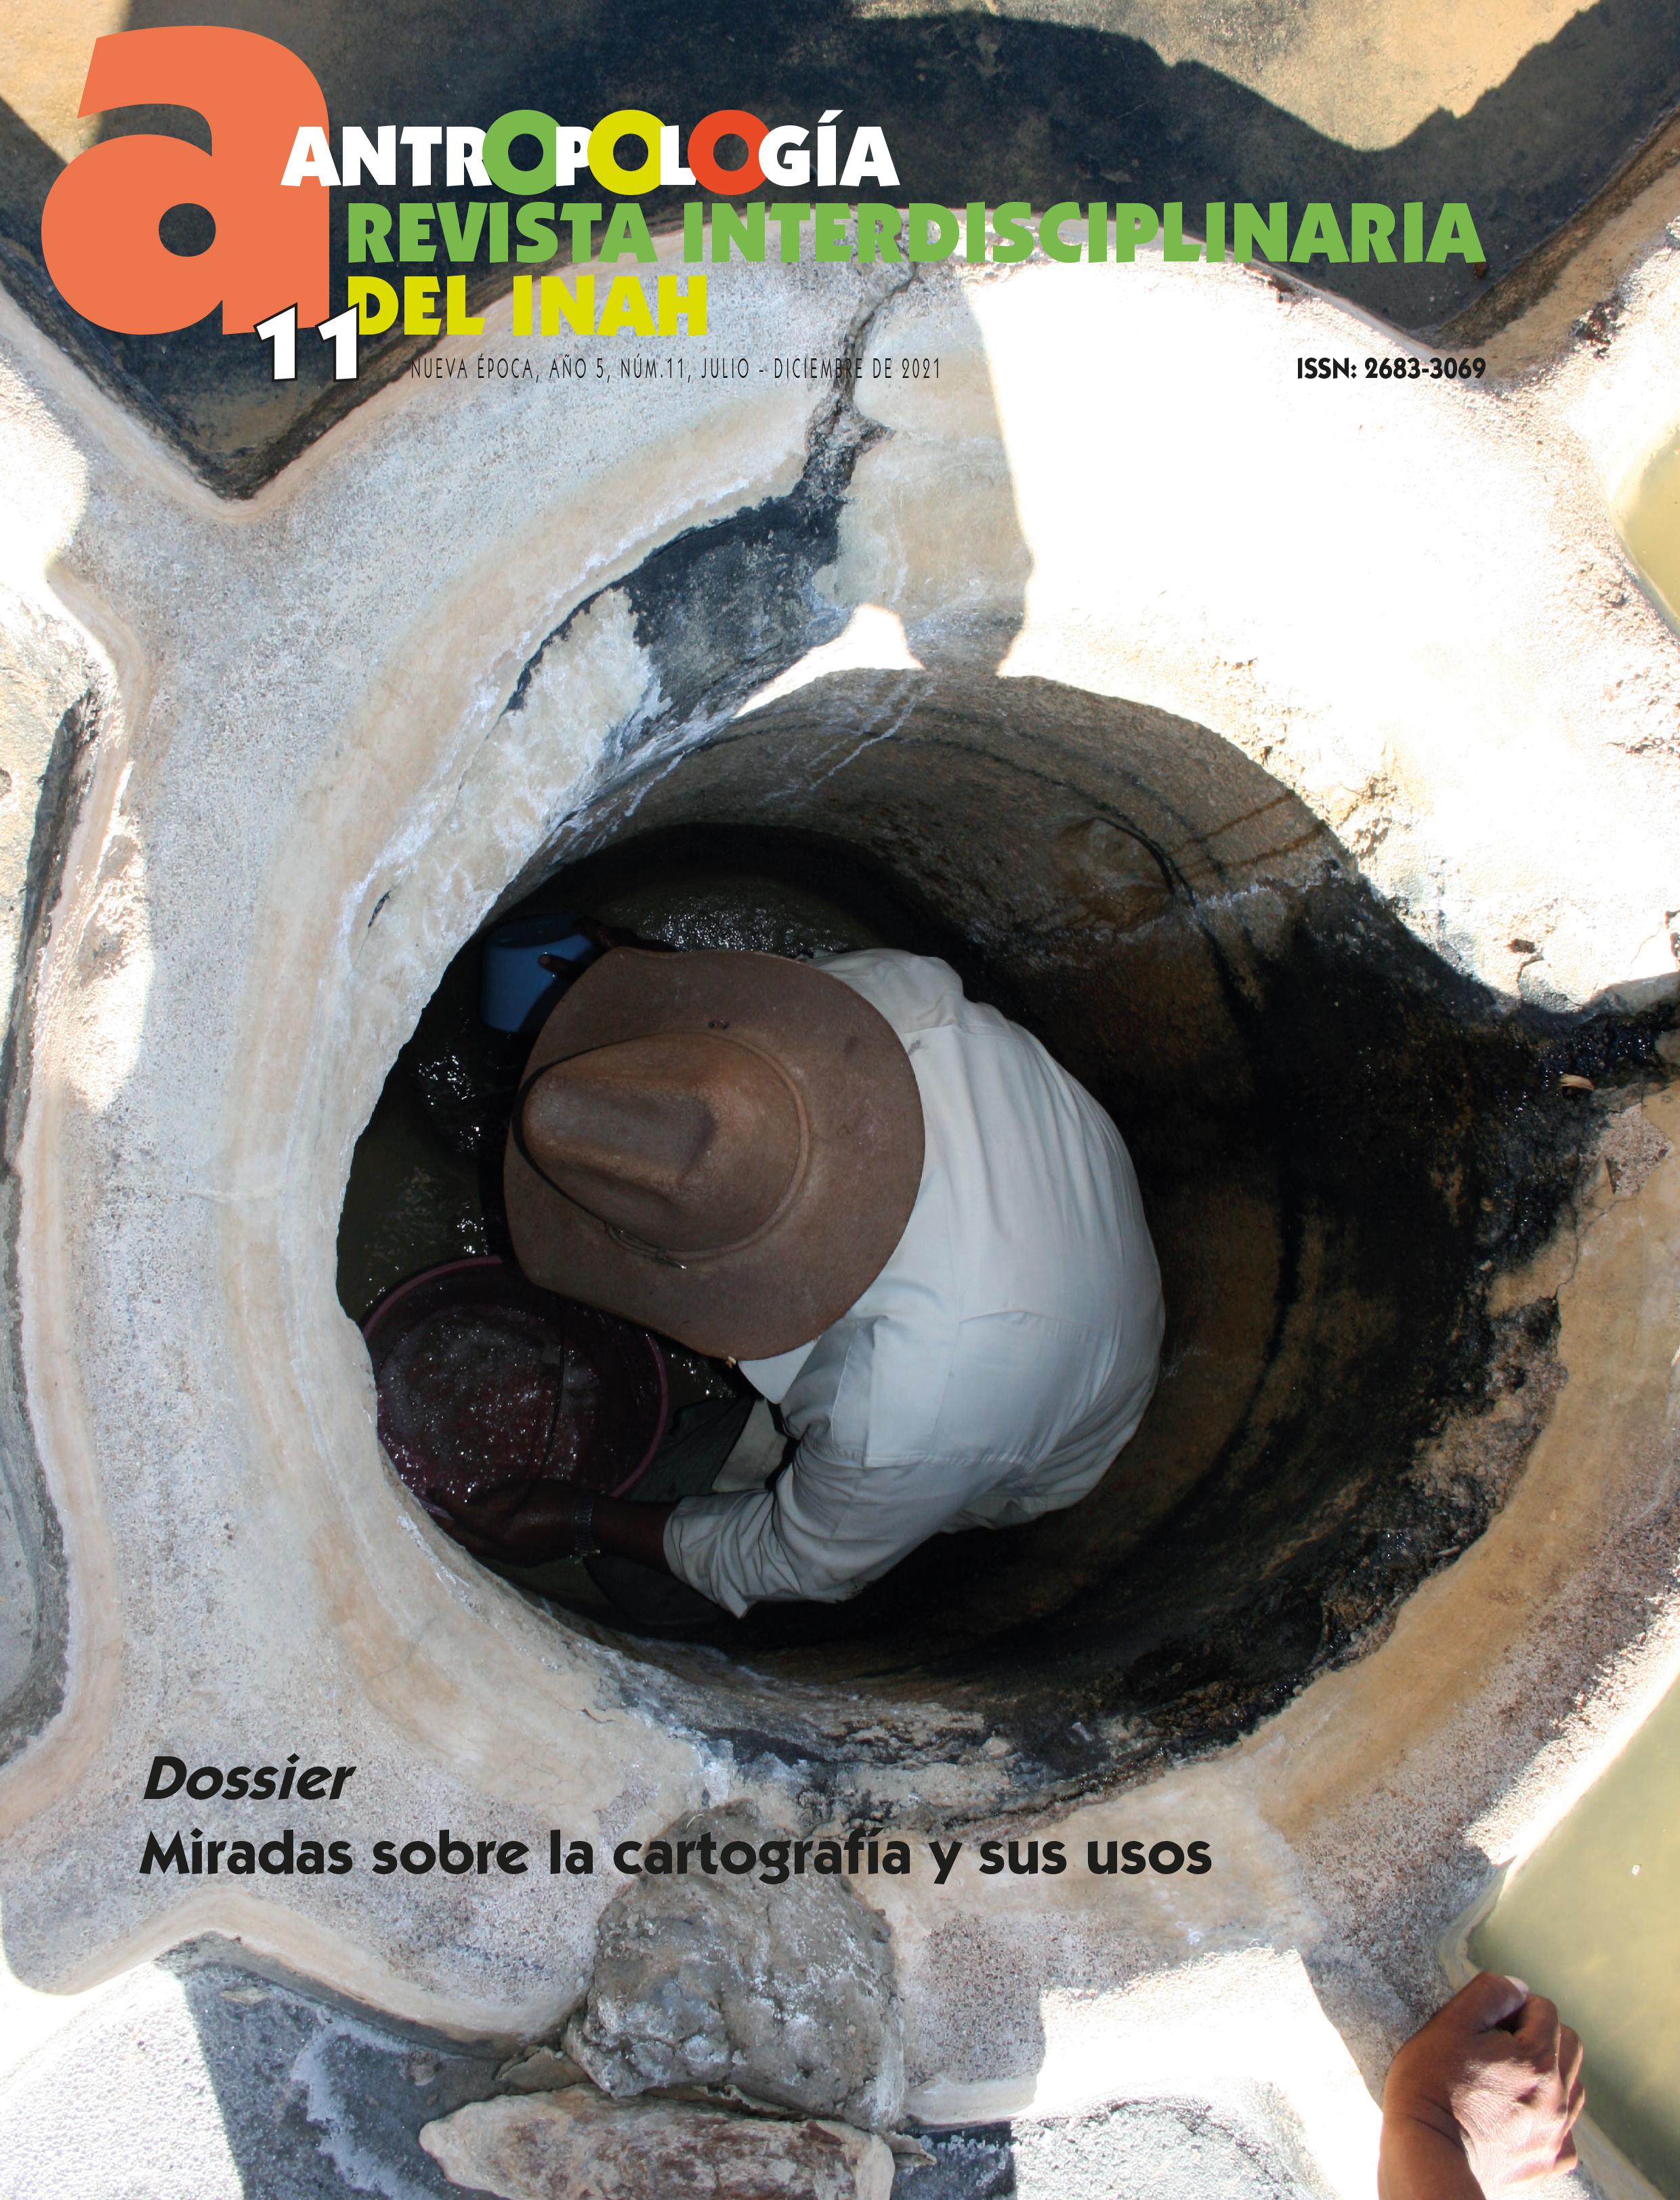 Antropología. Revista Interdisciplinaria del INAH